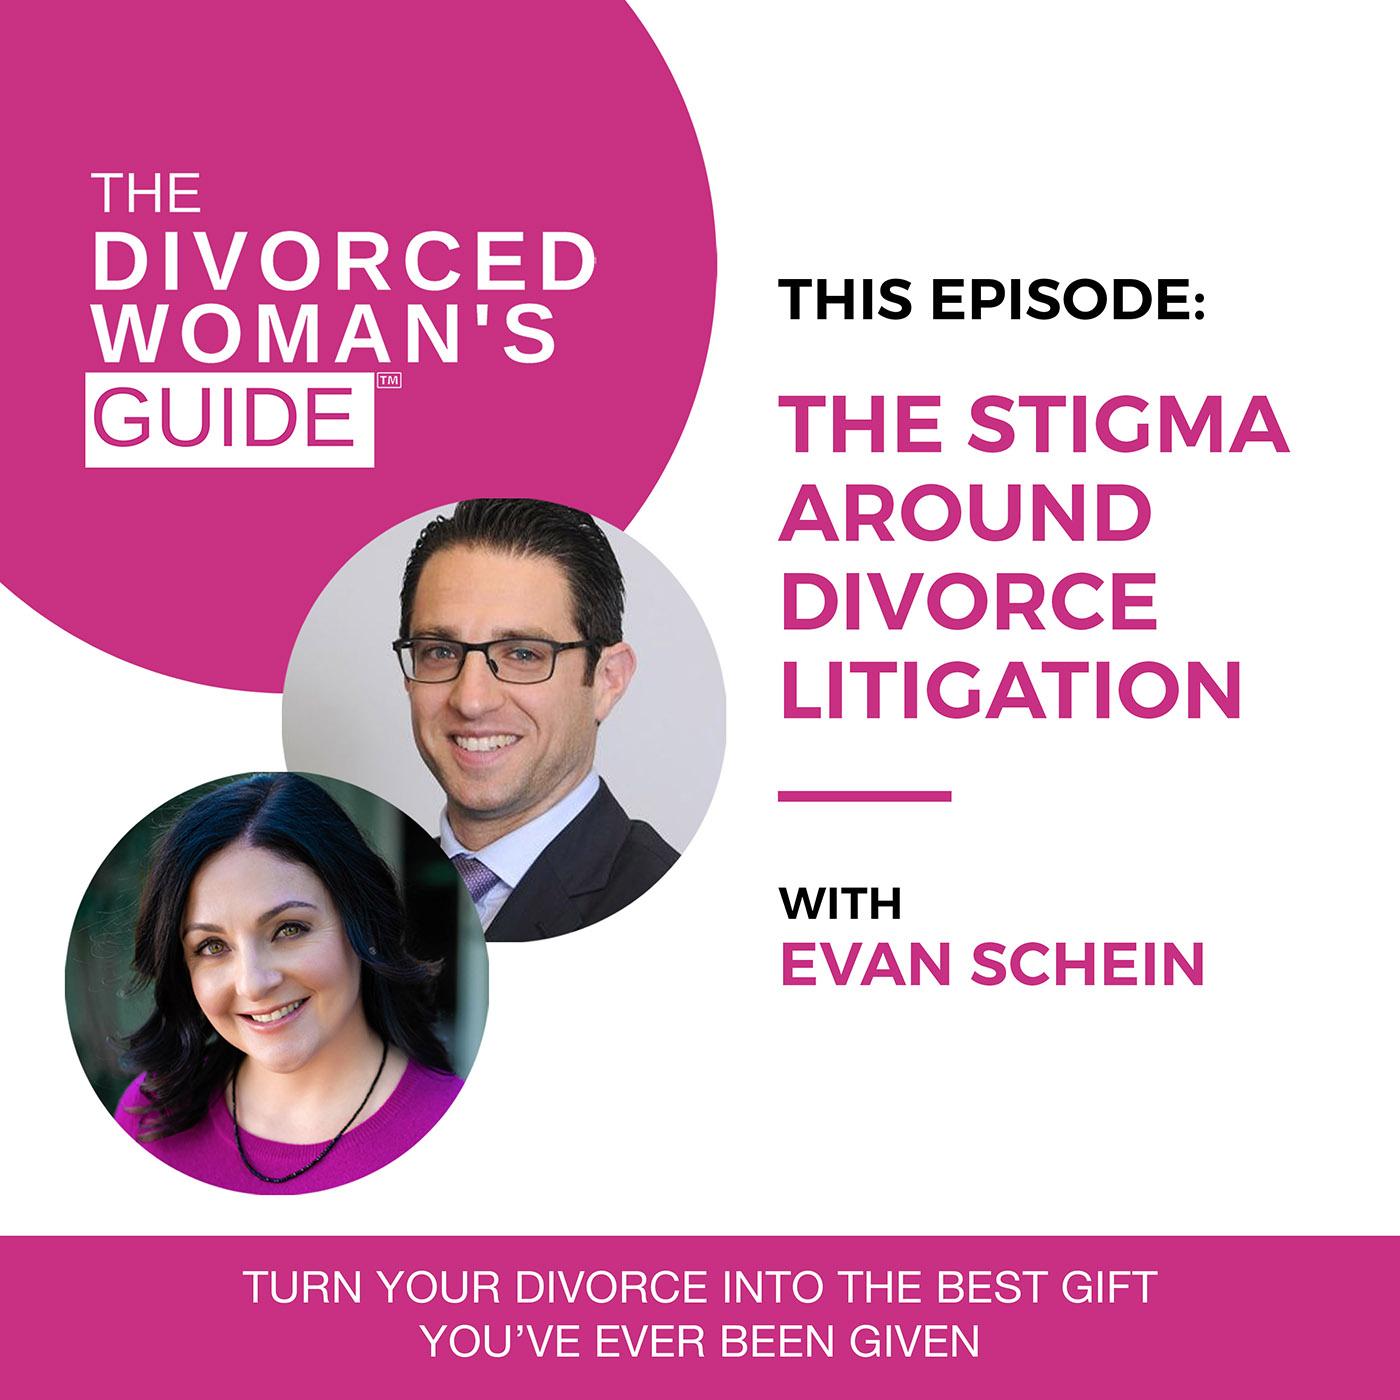 The Stigma Around Divorce Litigation with Evan Schein